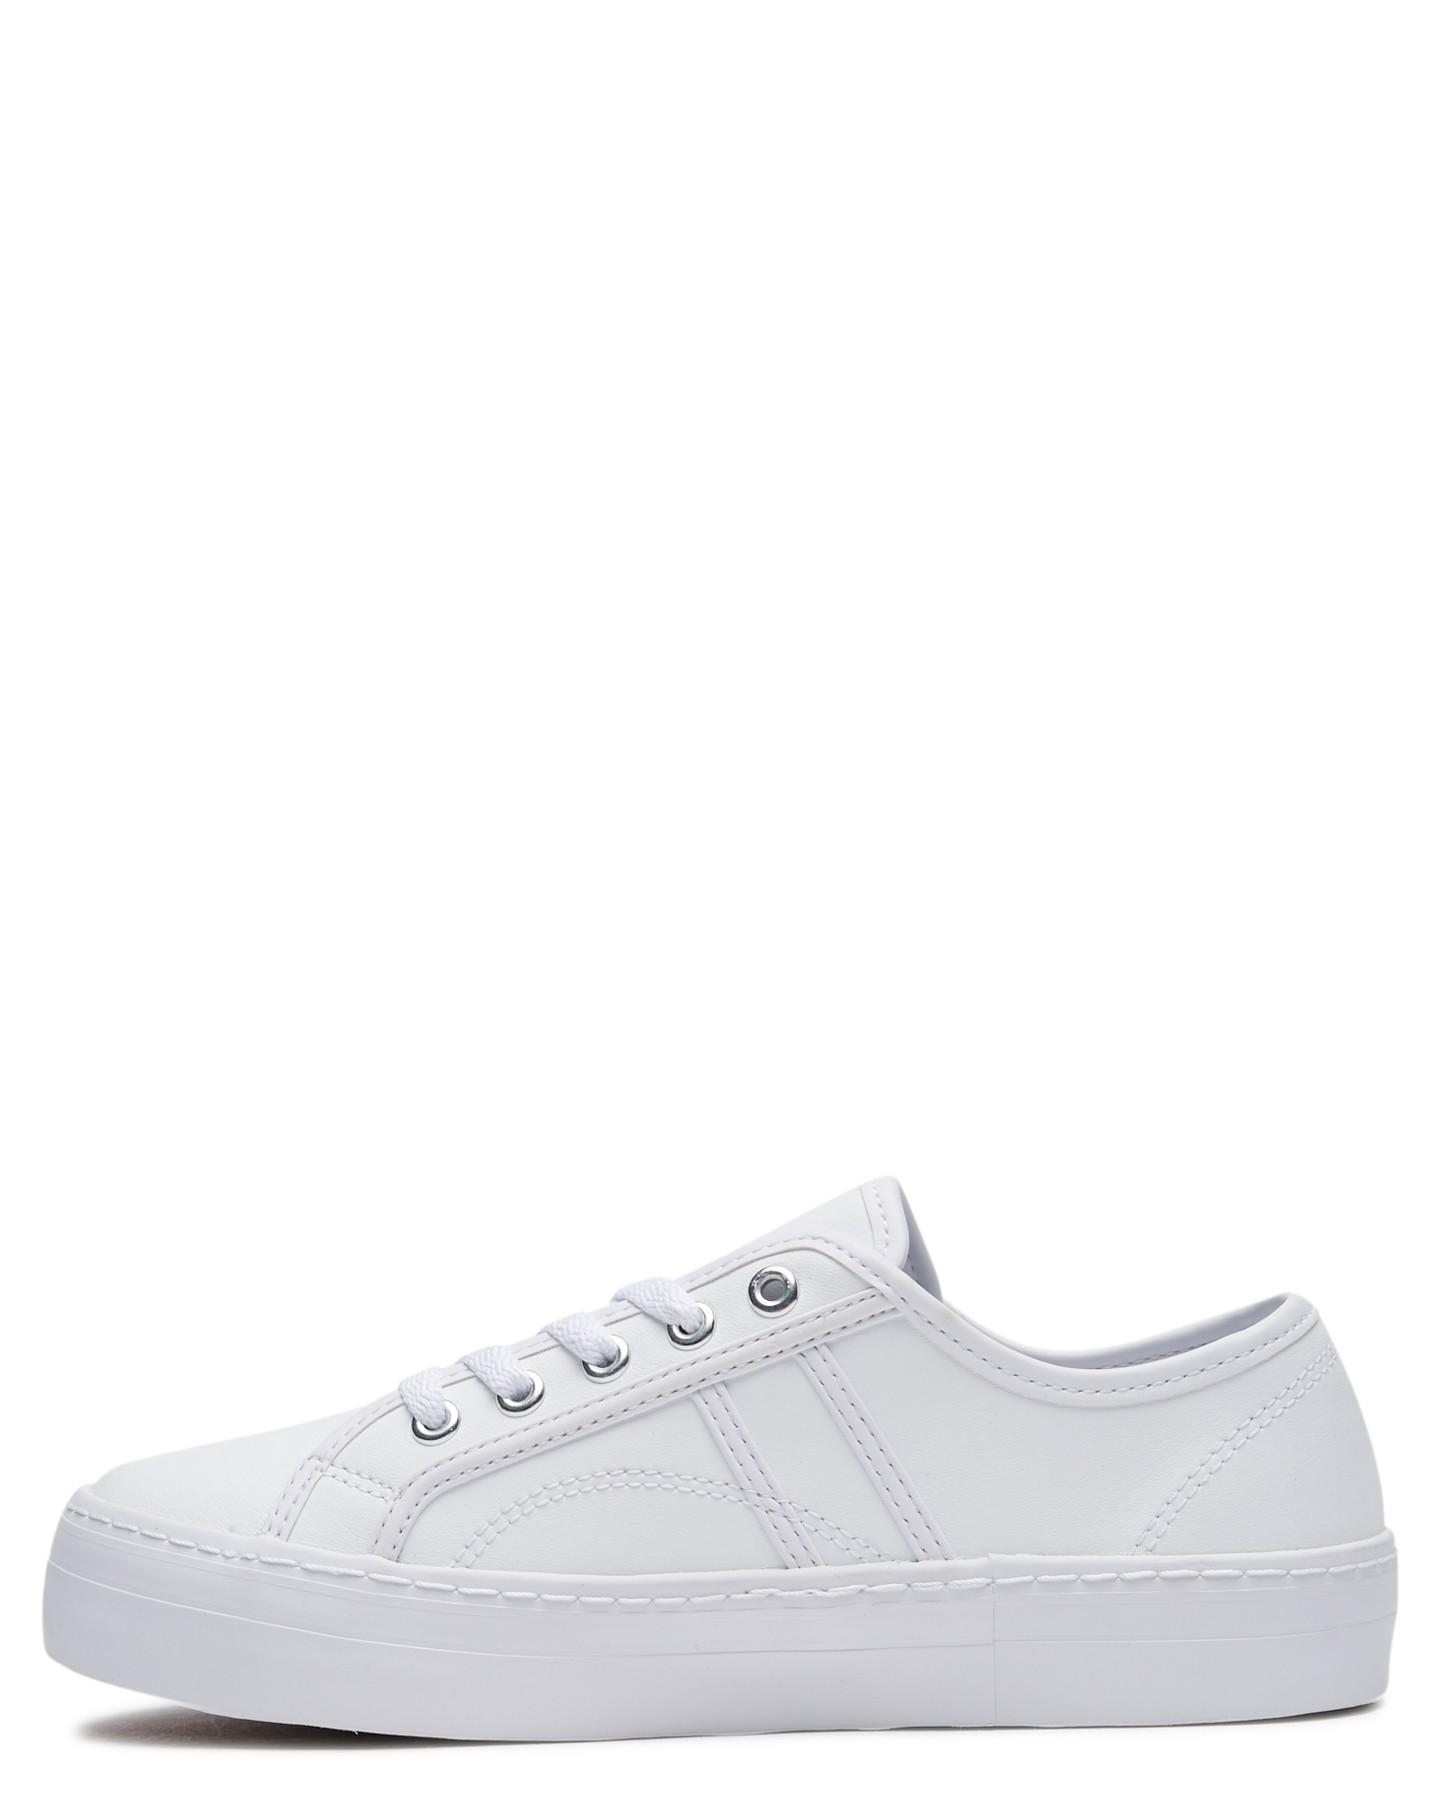 New-Human-Footwear-Women-039-s-Womens-Cass-Shoe-Rubber thumbnail 12